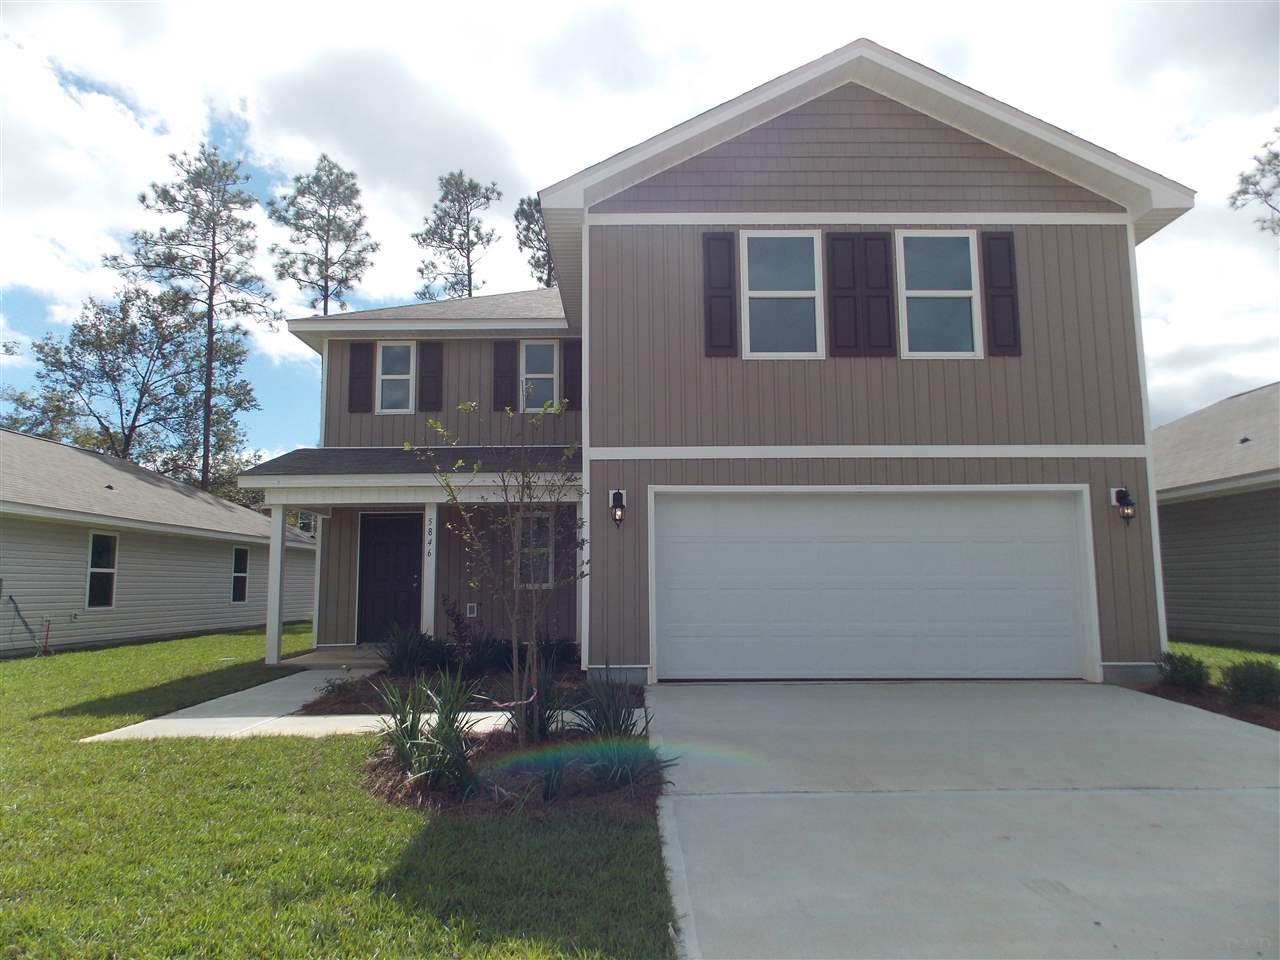 5846 Blackhorse Cir, Pensacola, FL 32526